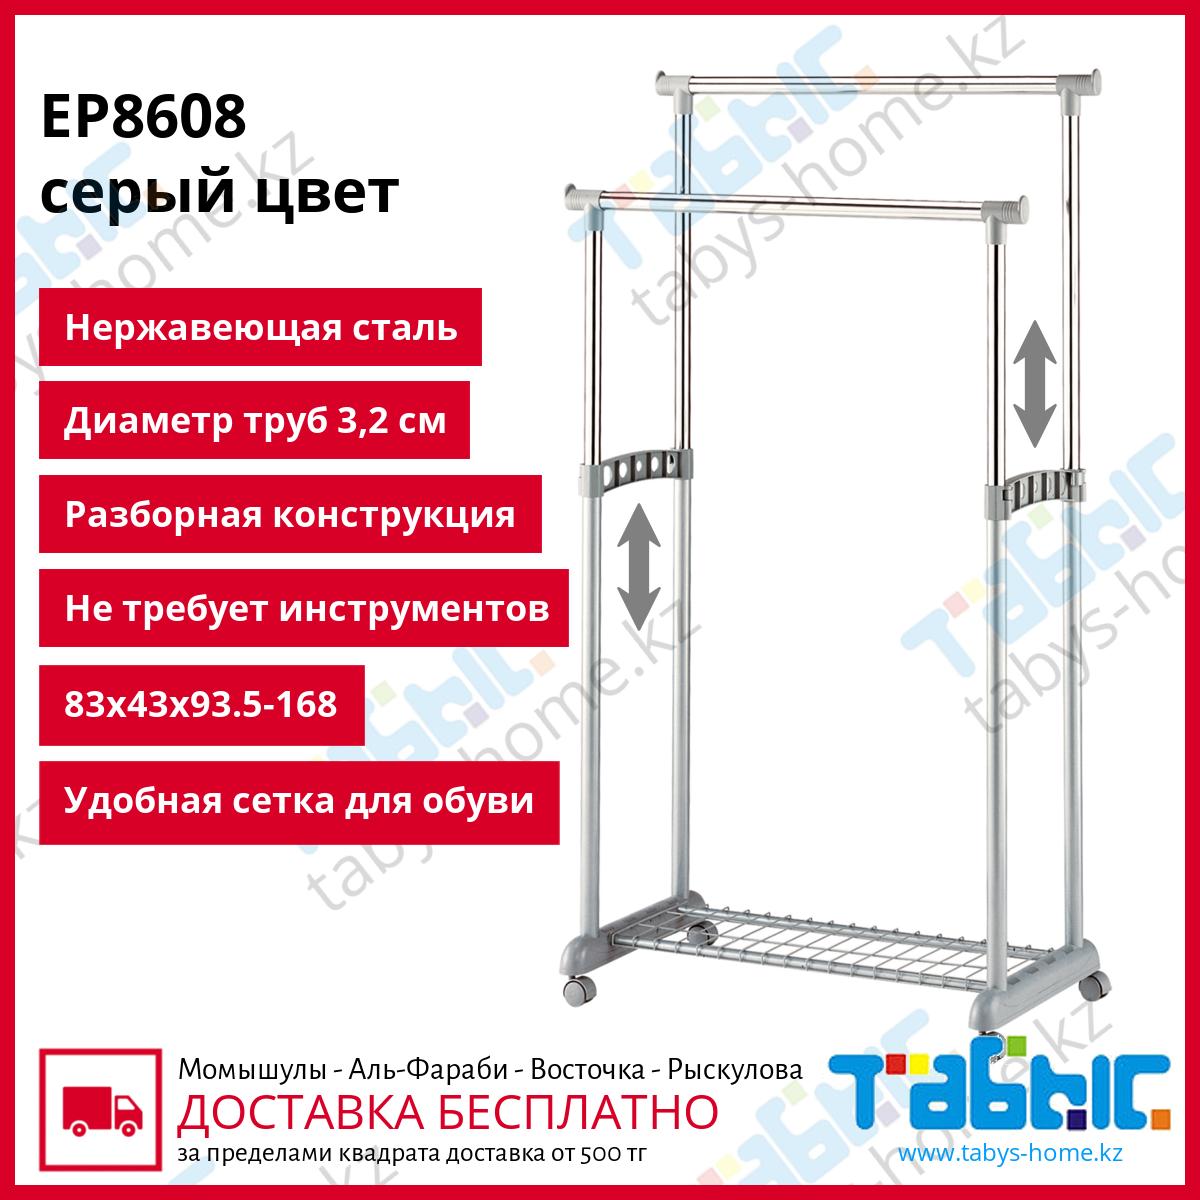 Вешалка для одежды гардеробная Табыс EP 8608 (серый цвет)